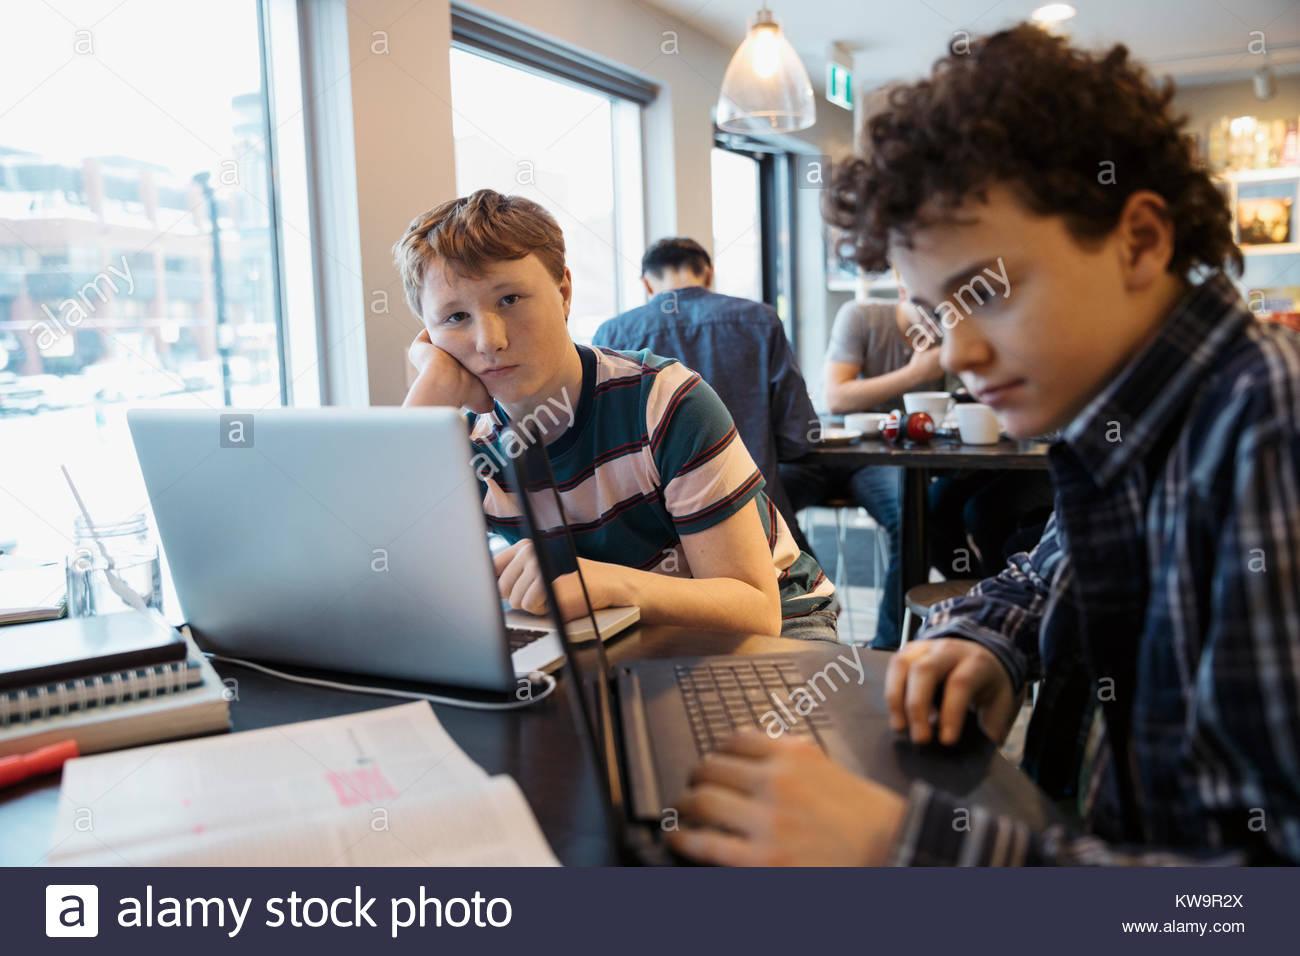 Portrait ernst High School junge Studierende an Laptop im Cafe Stockbild